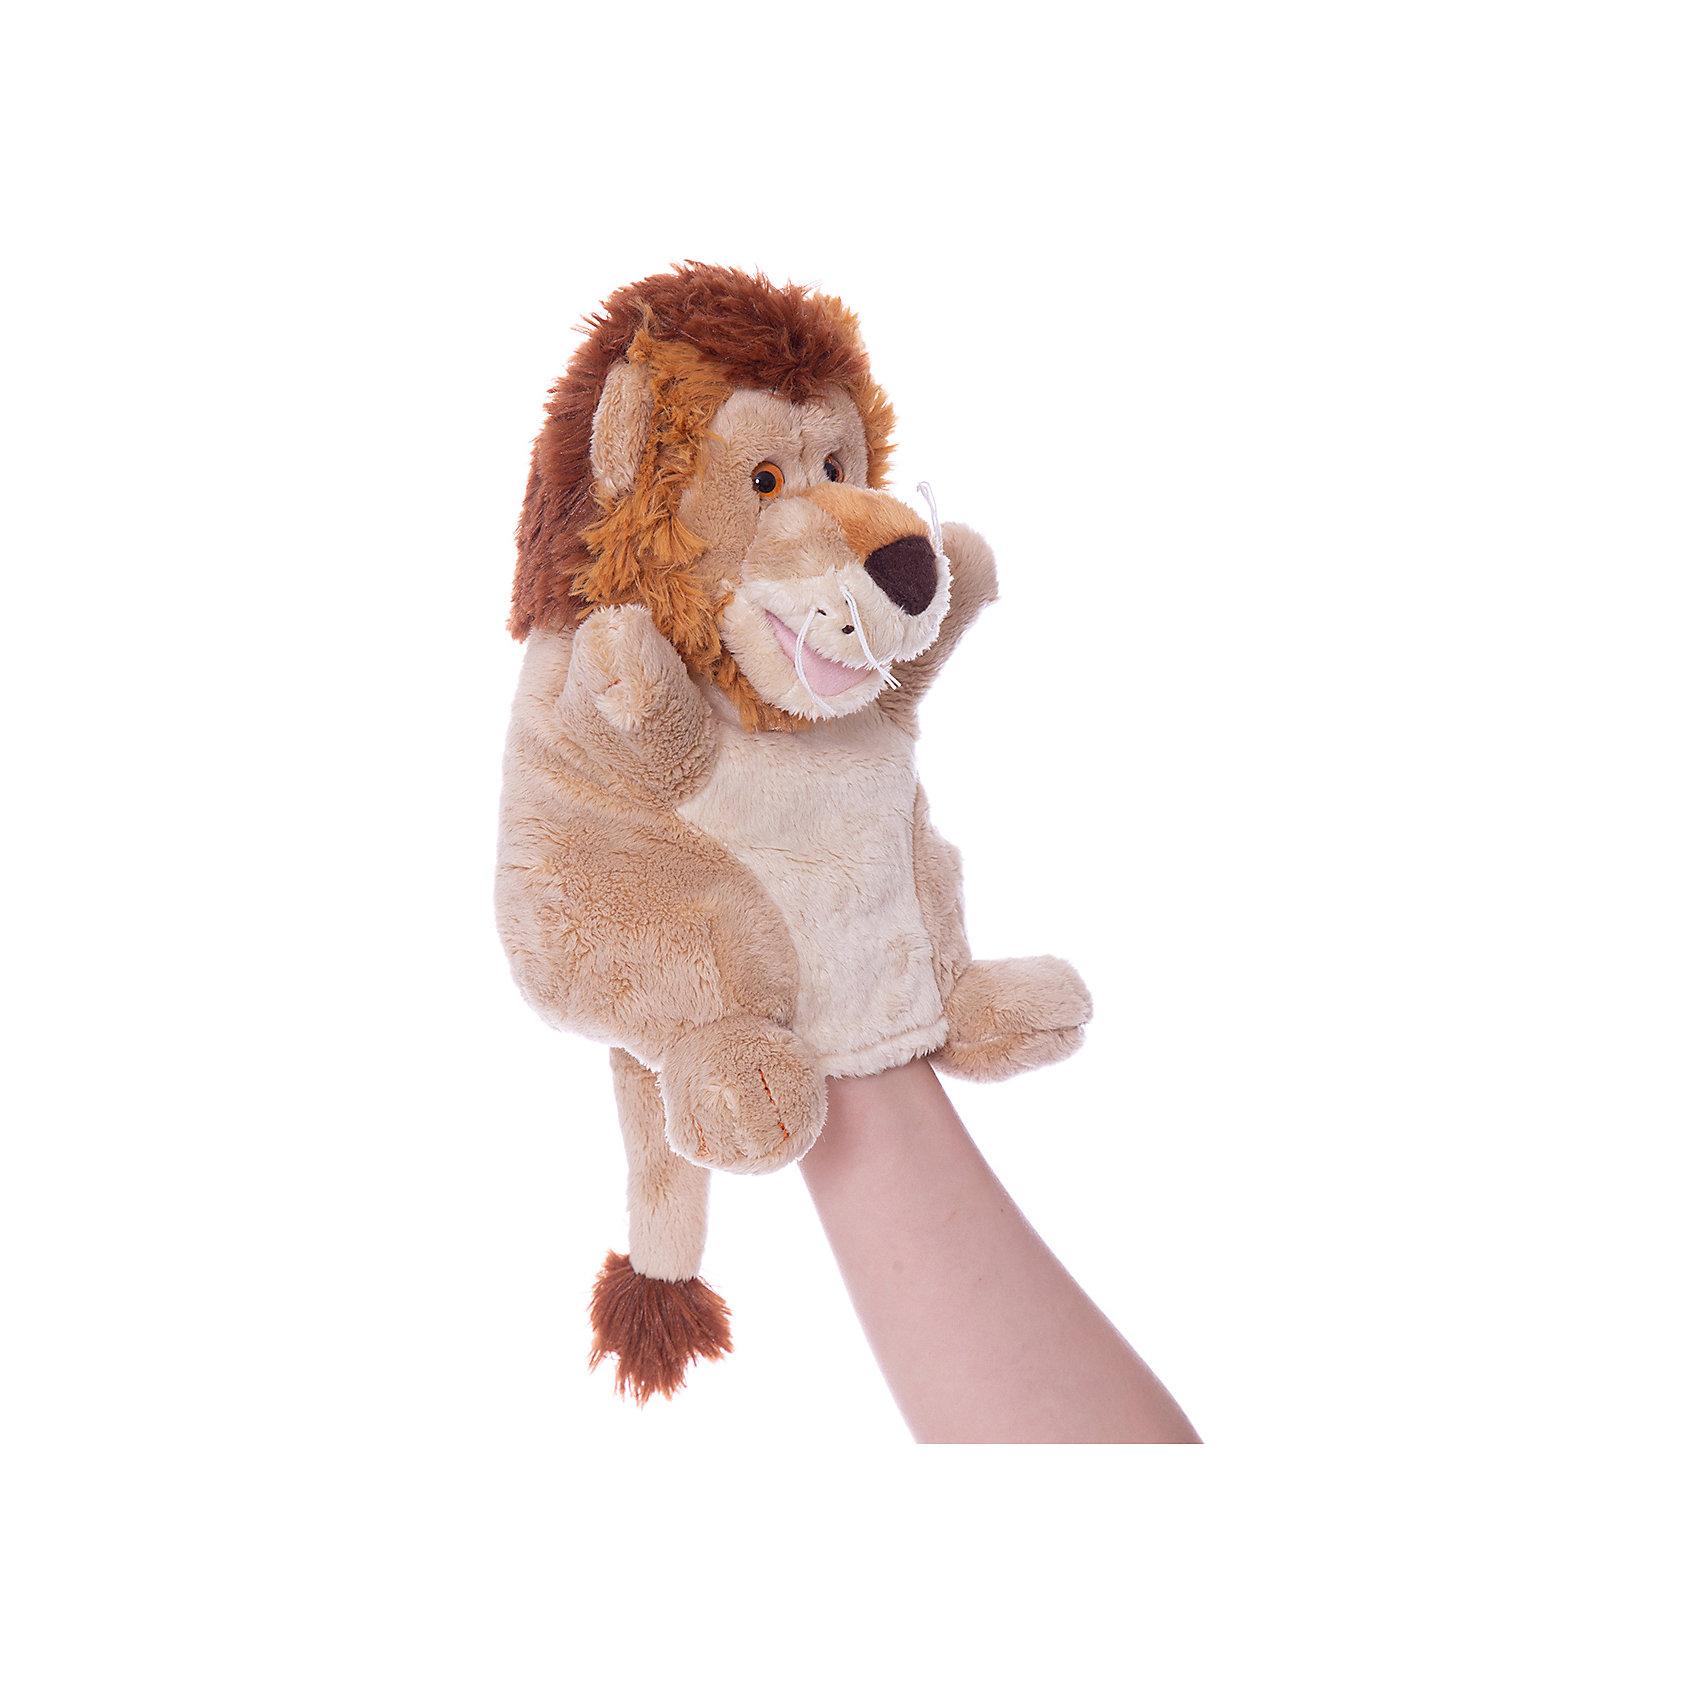 Мягкая игрушка на руку Лев, 25 см, TrudiОчаровательный Лев приведет в восторг любого ребенка. Игрушка надевается на руку: вы сможете разыграть с детьми маленький спектакль, а уже подросшие ребята смогут играть с забавным львенком самостоятельно.<br>Игрушка изготовлена из высококачественных экологичных материалов абсолютно безопасных для детей. Благодаря тщательной проработке всех деталей Лев выглядит очень реалистично, что, несомненно, порадует ребенка. Прекрасный подарок на любой праздник! <br><br>Дополнительная информация:<br><br>- Материал: плюш, пластик, текстиль, искусственный мех. <br>- Высота: 25 см. <br>- Допускается машинная стирка при деликатной режиме (30 ?).<br><br>Мягкую игрушку на руку, Льва, 25 см, Trudi (Труди), можно купить в нашем магазине.<br><br>Ширина мм: 130<br>Глубина мм: 190<br>Высота мм: 250<br>Вес г: 120<br>Возраст от месяцев: 12<br>Возраст до месяцев: 2147483647<br>Пол: Унисекс<br>Возраст: Детский<br>SKU: 5055270